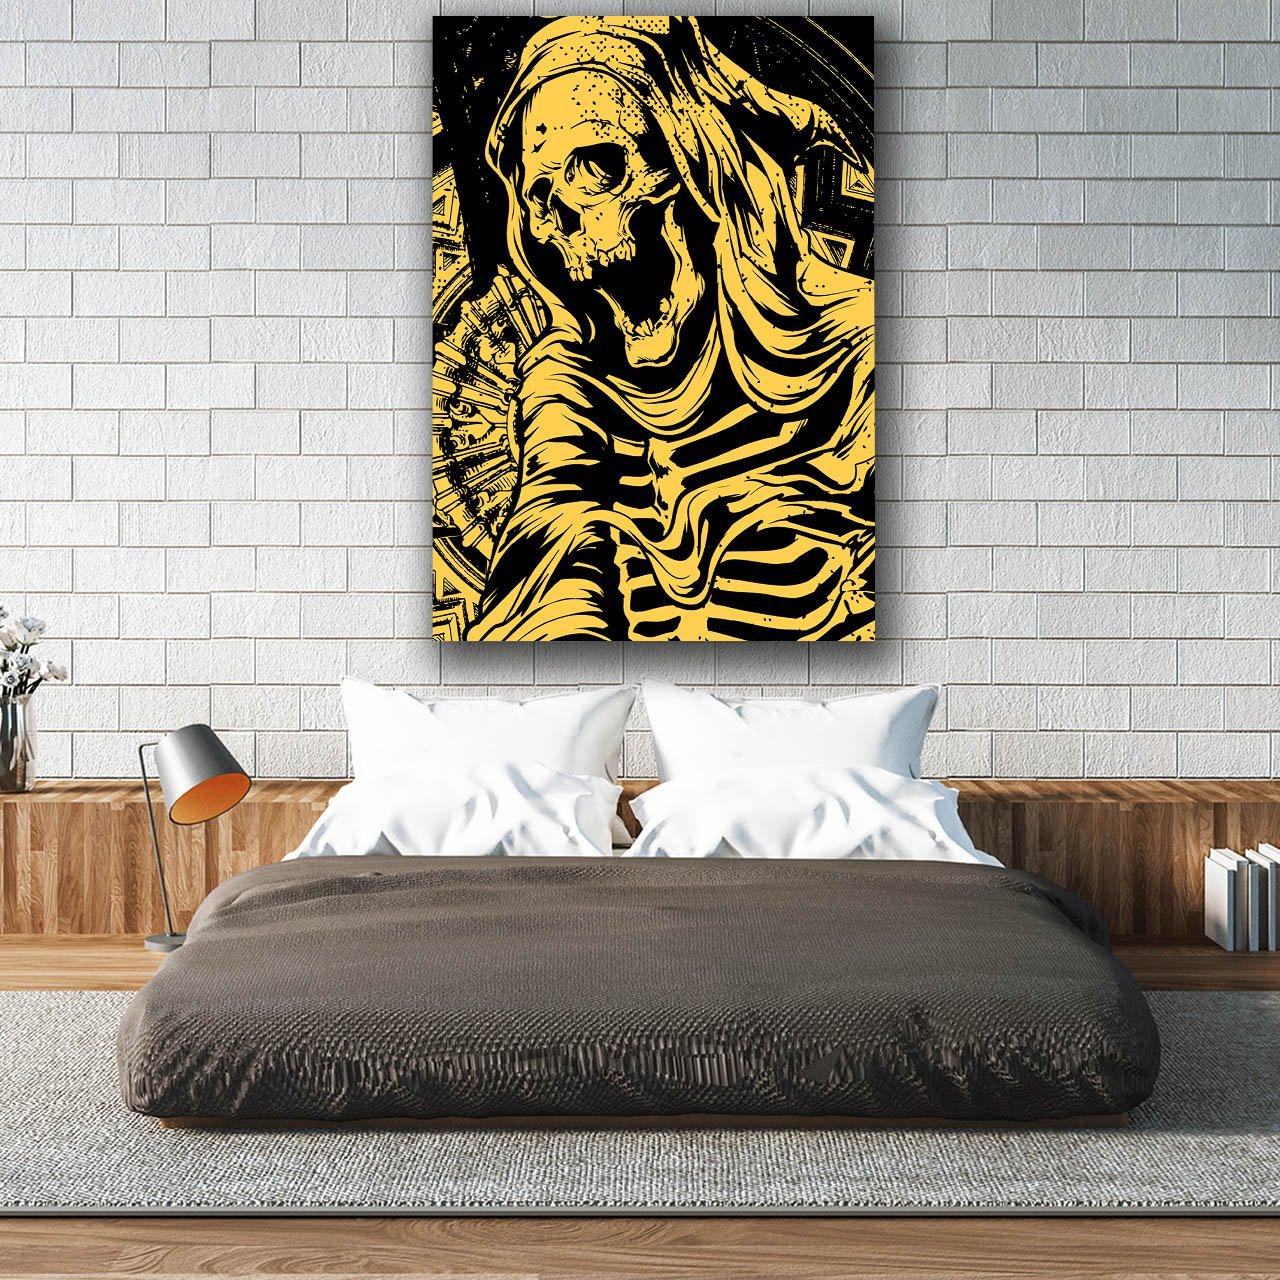 Amazon.com: Reaper Death Skull Grim Dead Body Matte/Glossy Poster A4 (30cm x 21cm) | Wellcoda: Posters & Prints